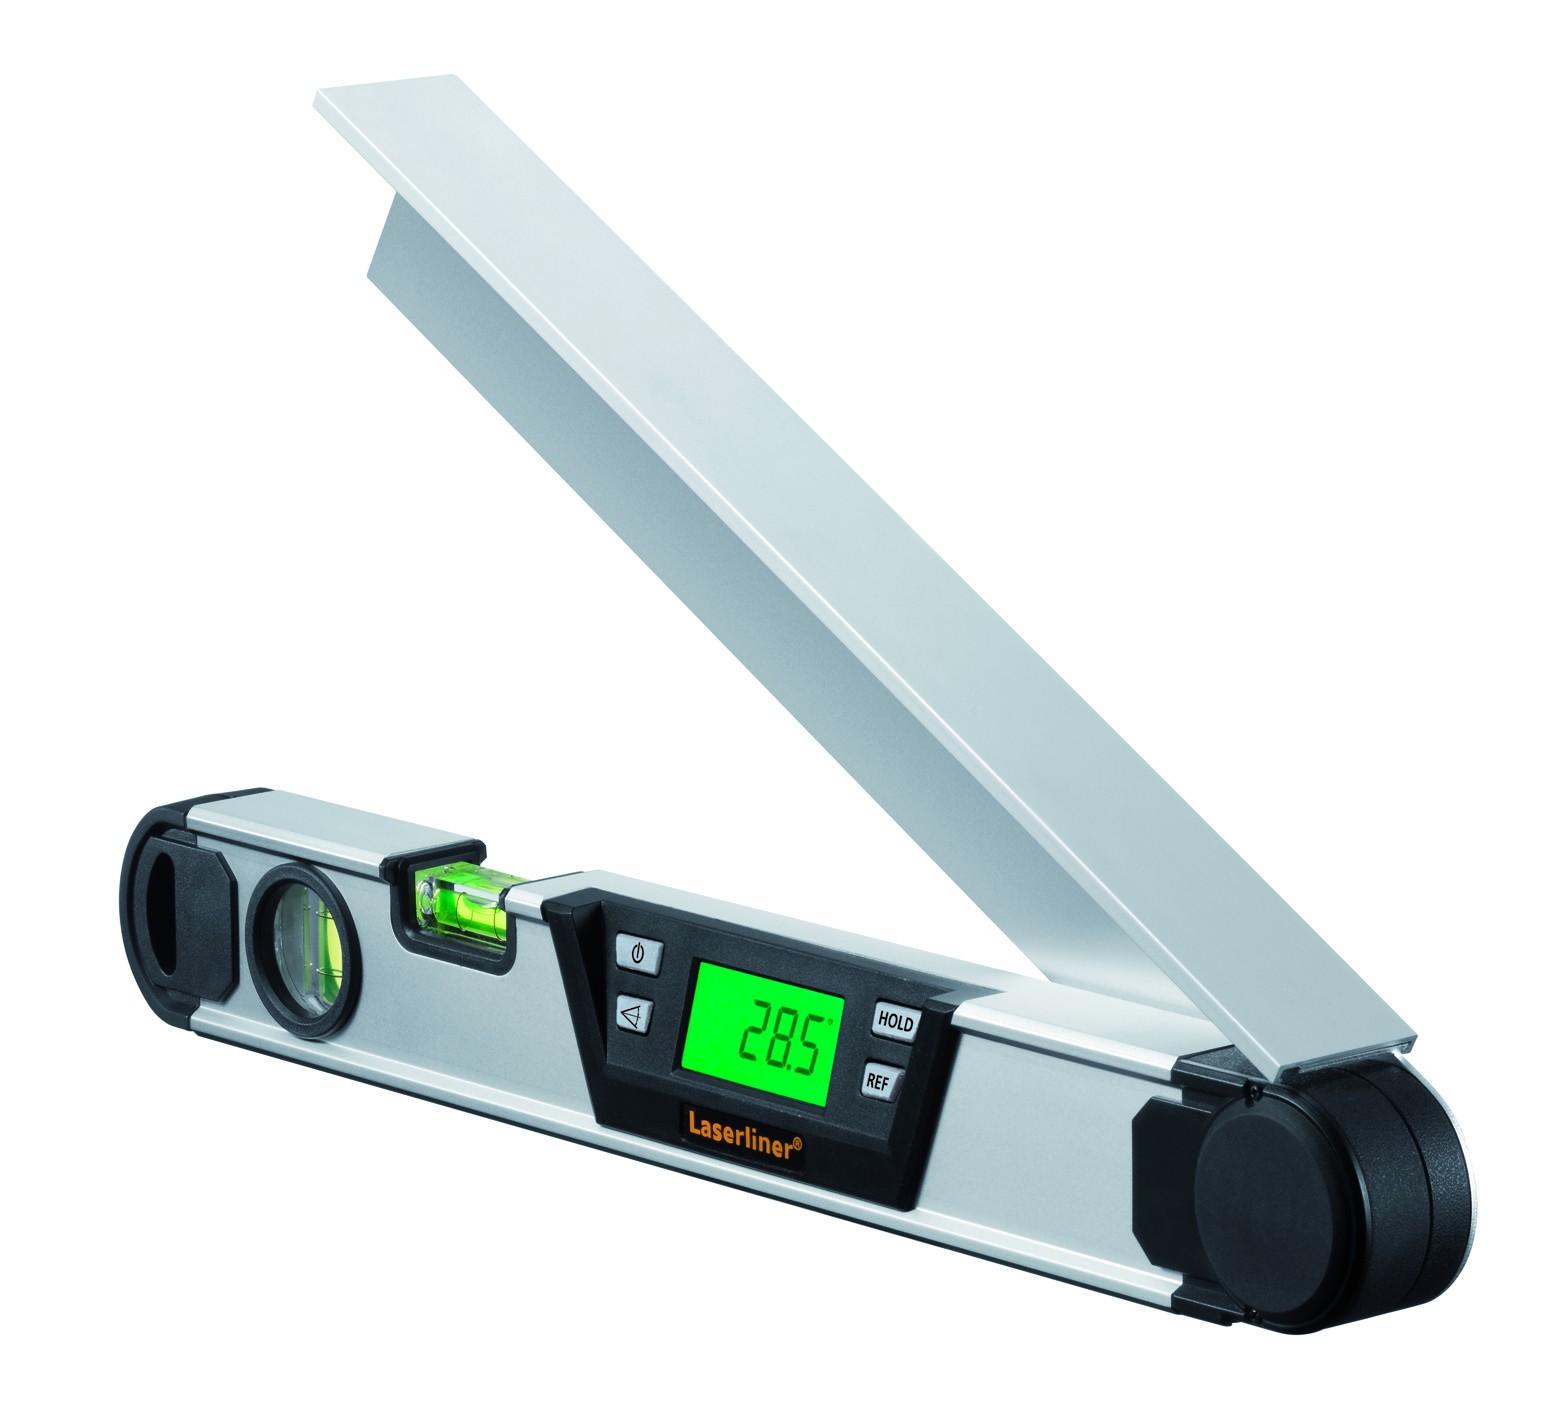 Γωνιόμετρο Ψηφιακό ArcoMaster 40 Laserliner